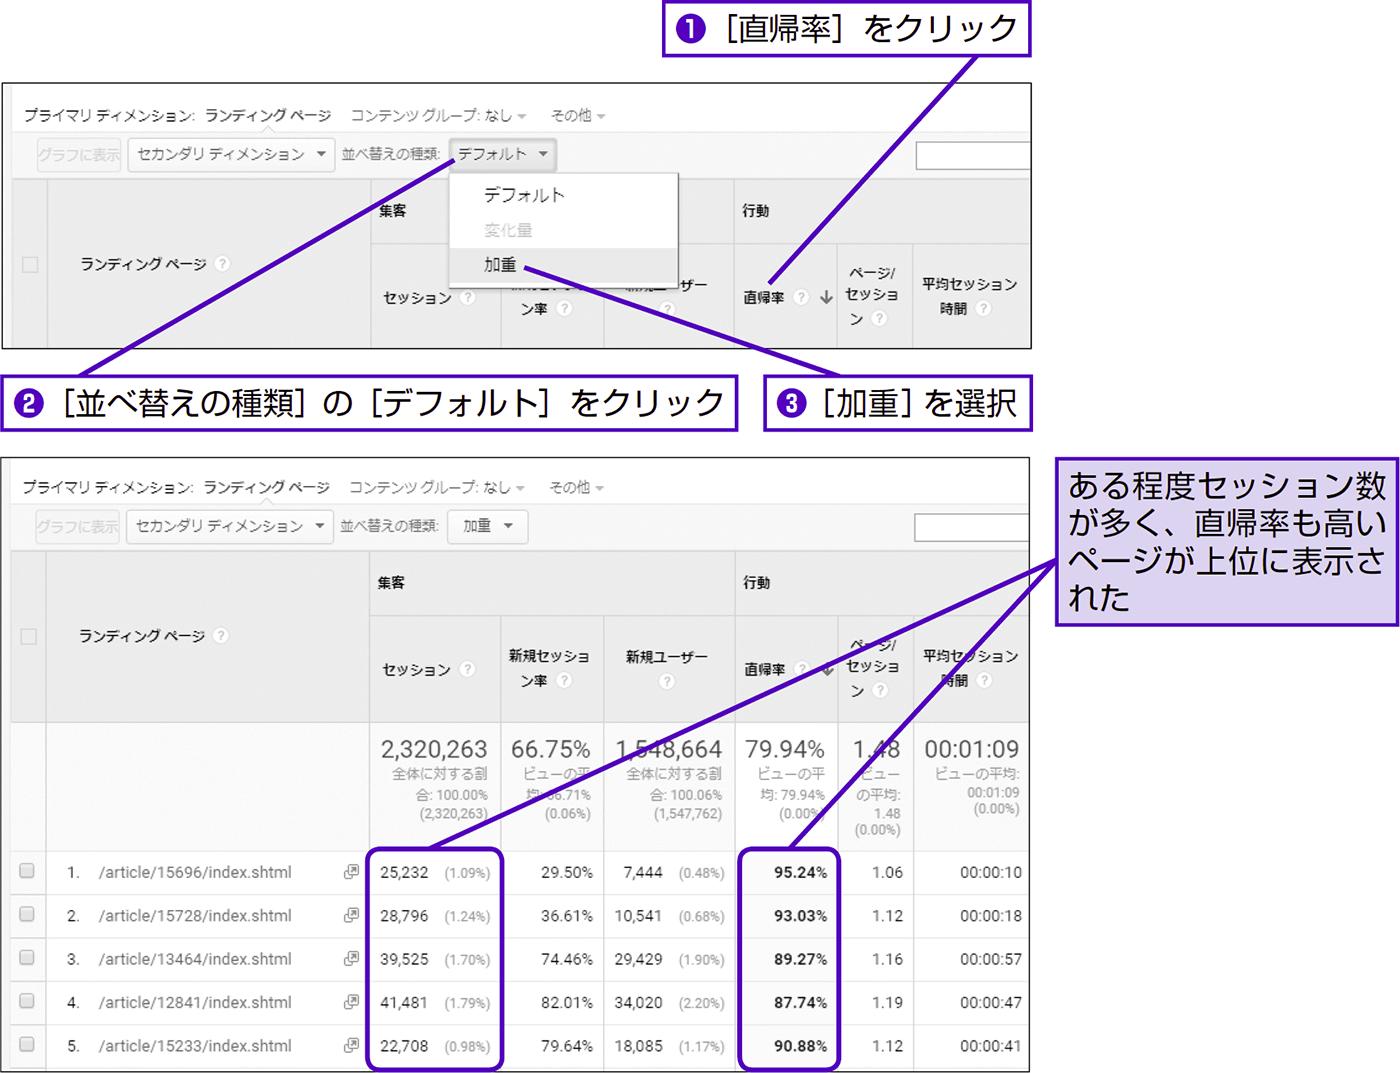 LPOが急務なランディングページを見つける - できる逆引き Googleアナリティクス 増補改訂2版